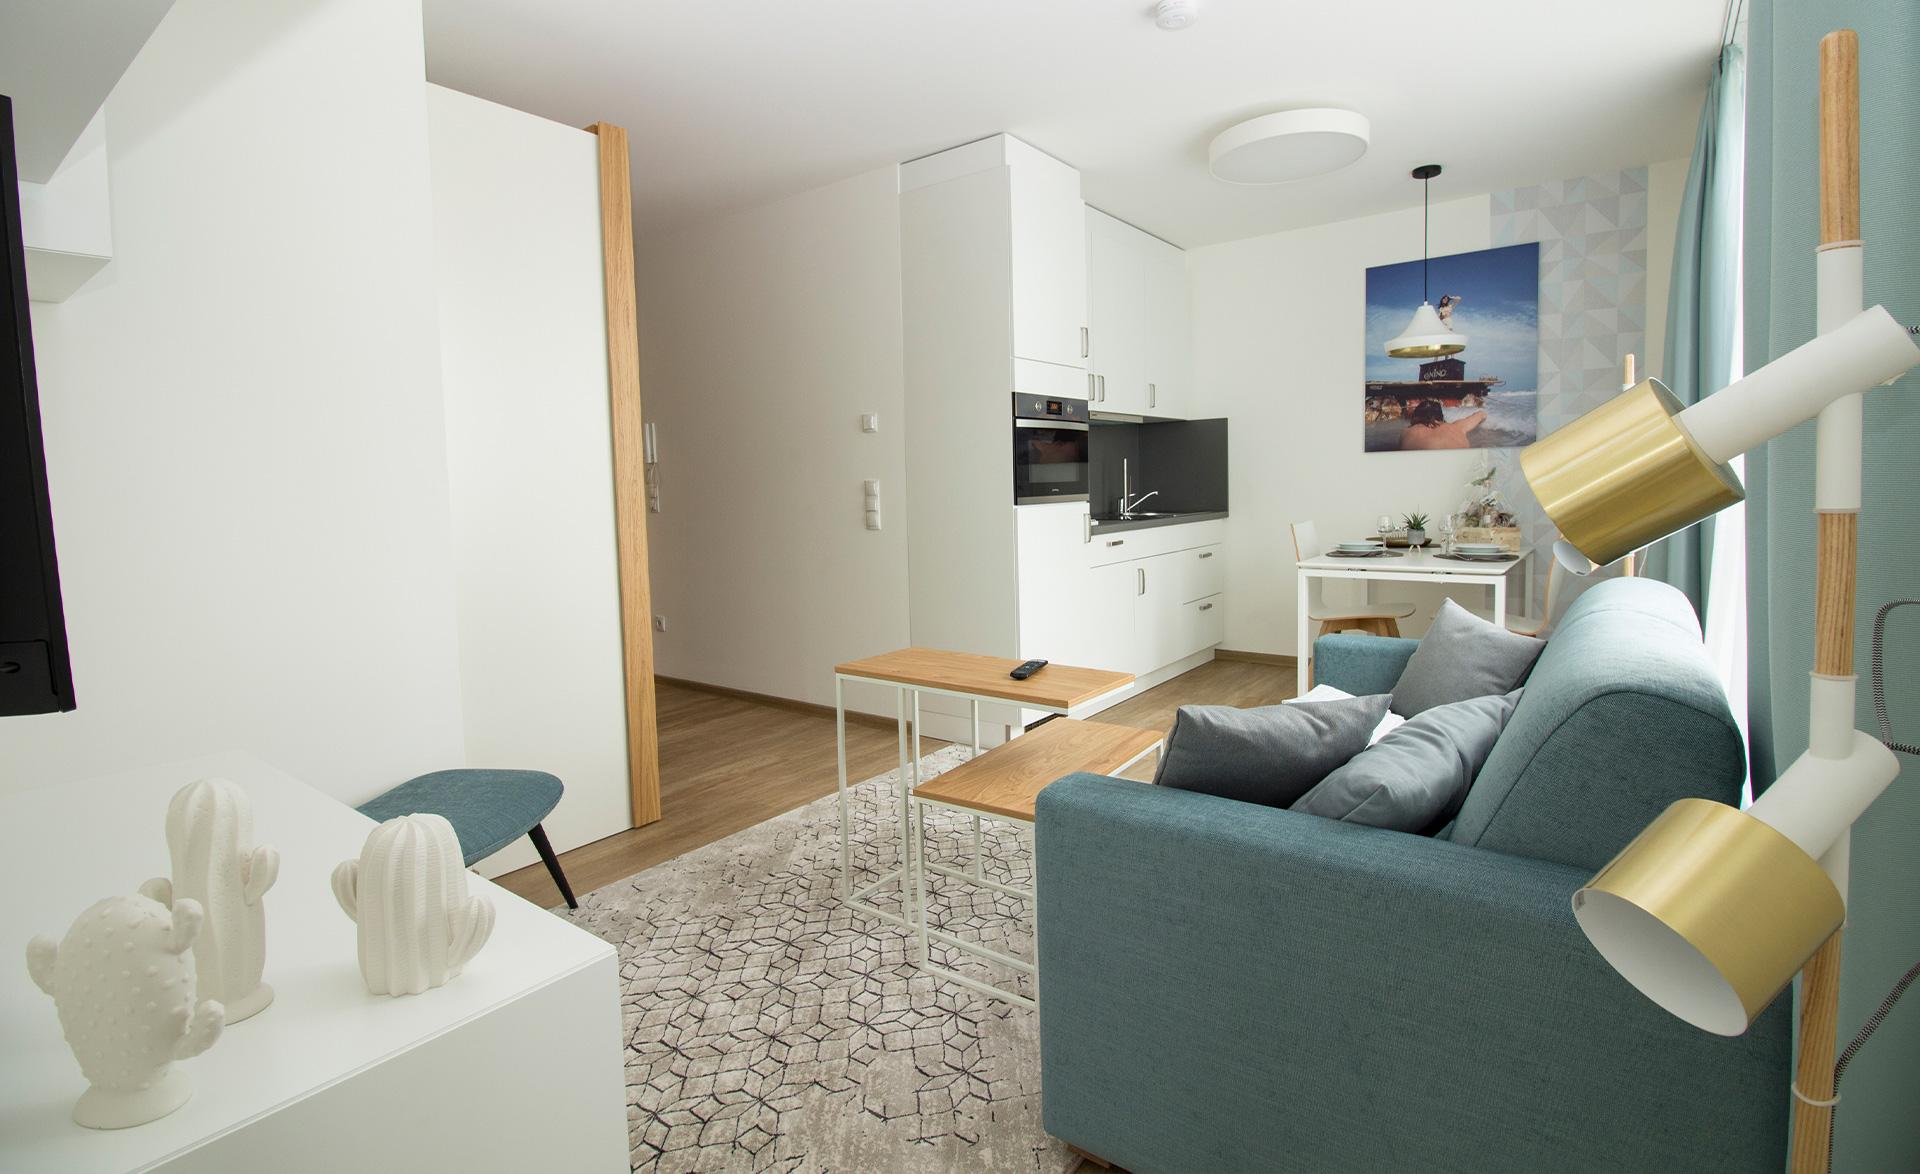 NINO-Boardinghouse: Wohnen auf Zeit - Wohnen wie Zuhause